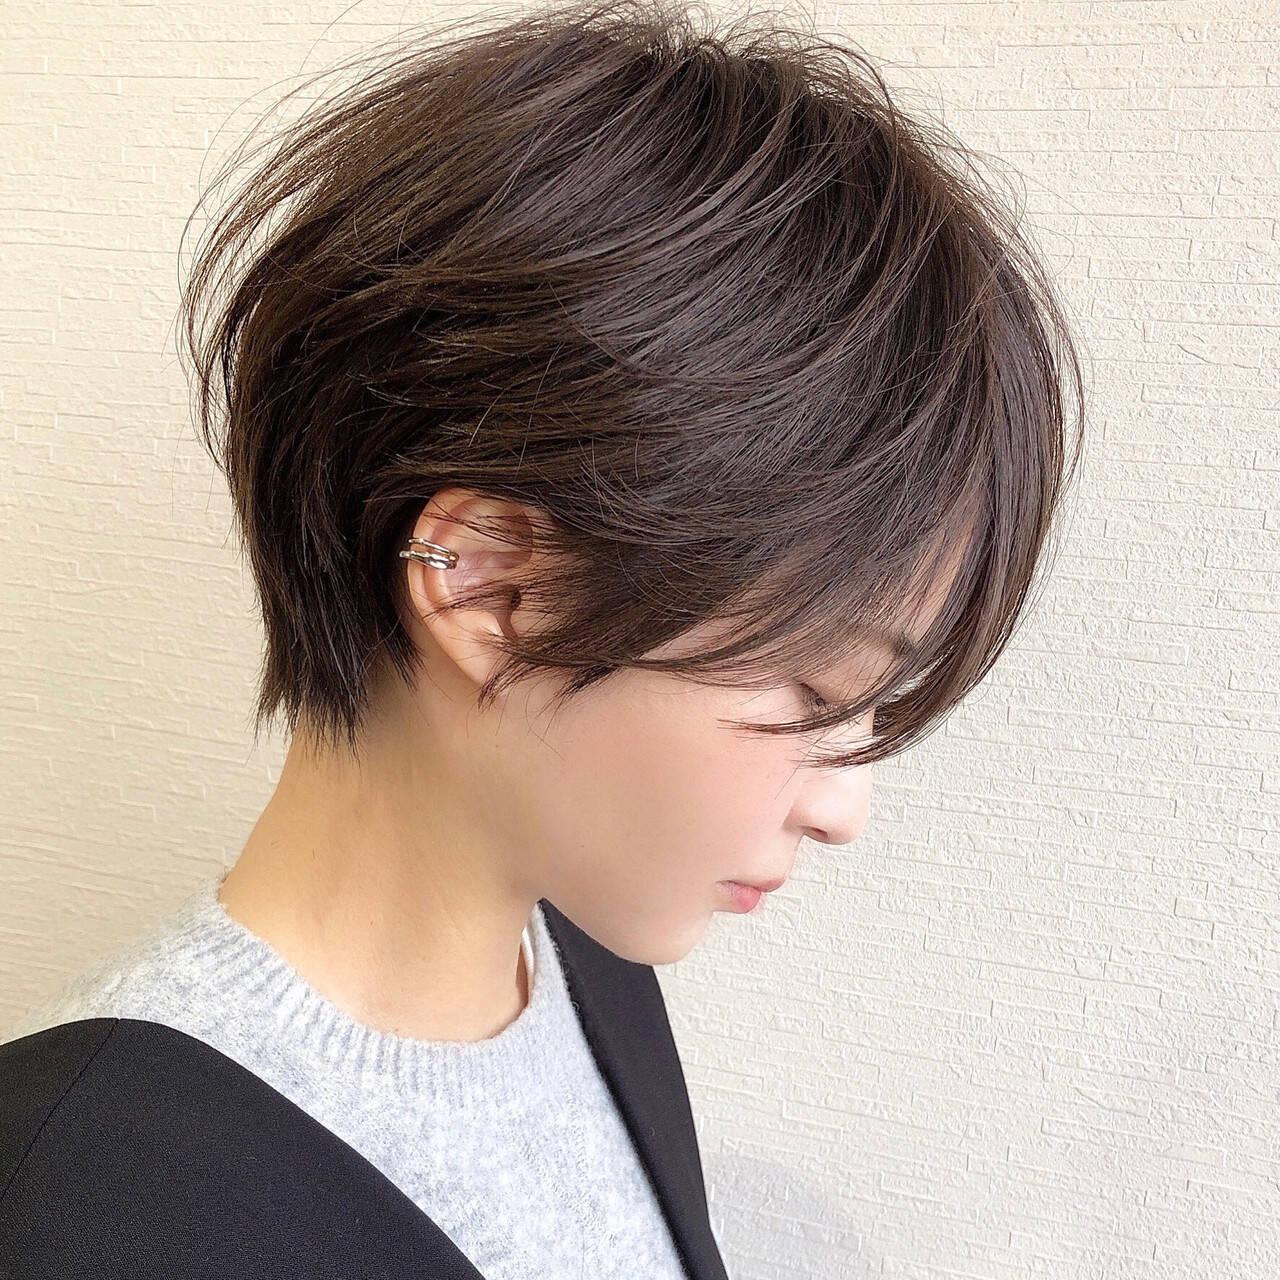 ショートヘア ナチュラル ショート ハンサムショートヘアスタイルや髪型の写真・画像